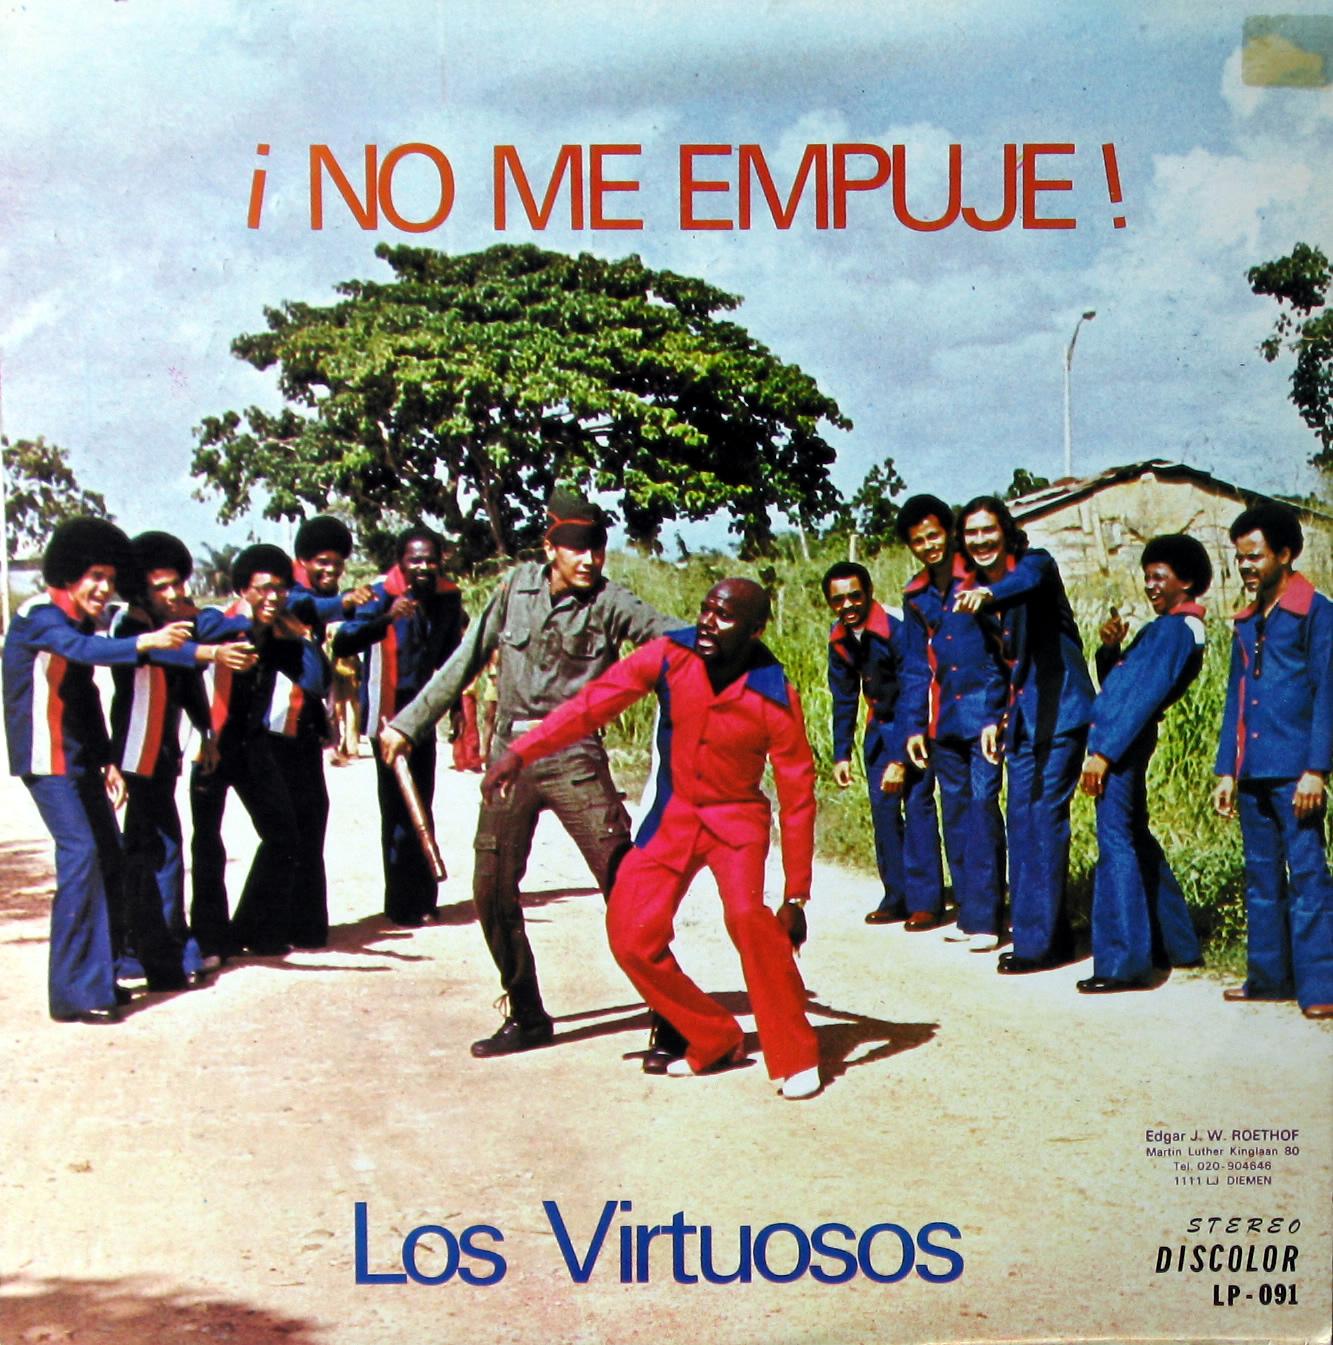 Los-Virtuosos-front1.jpg